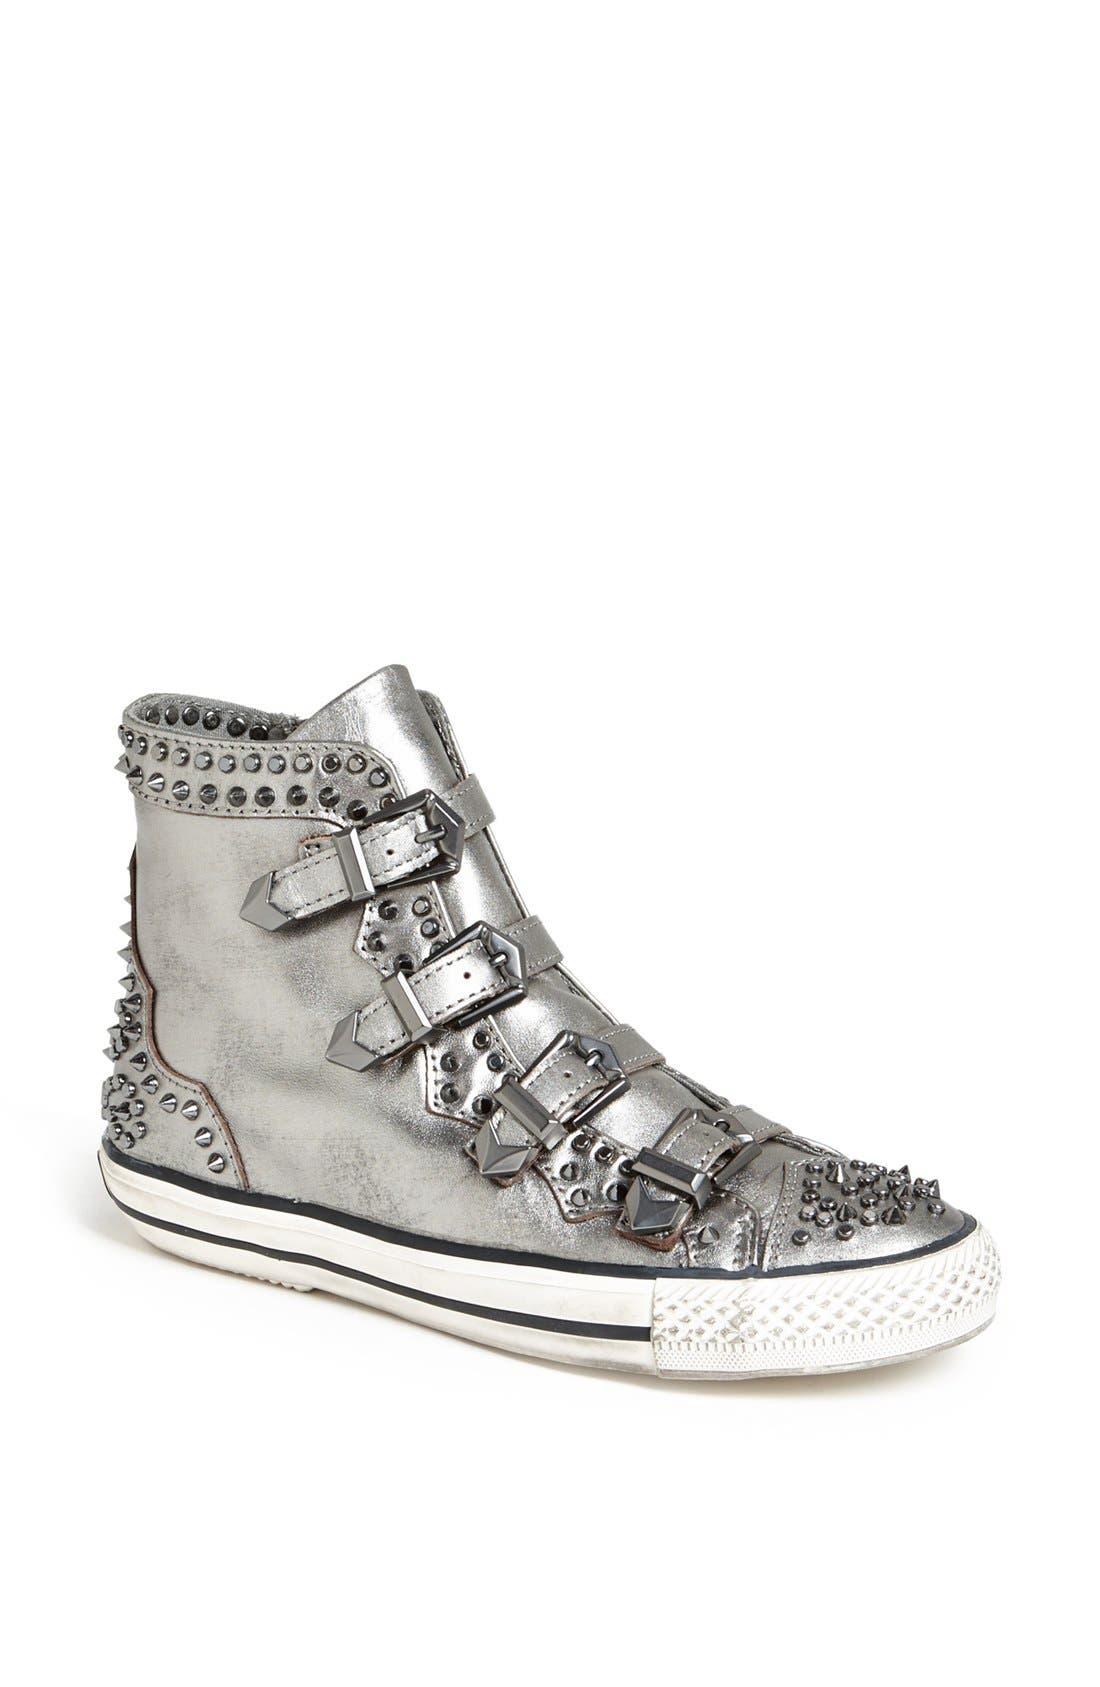 Main Image - Ash 'Viking' Spiked Metallic Leather Sneaker